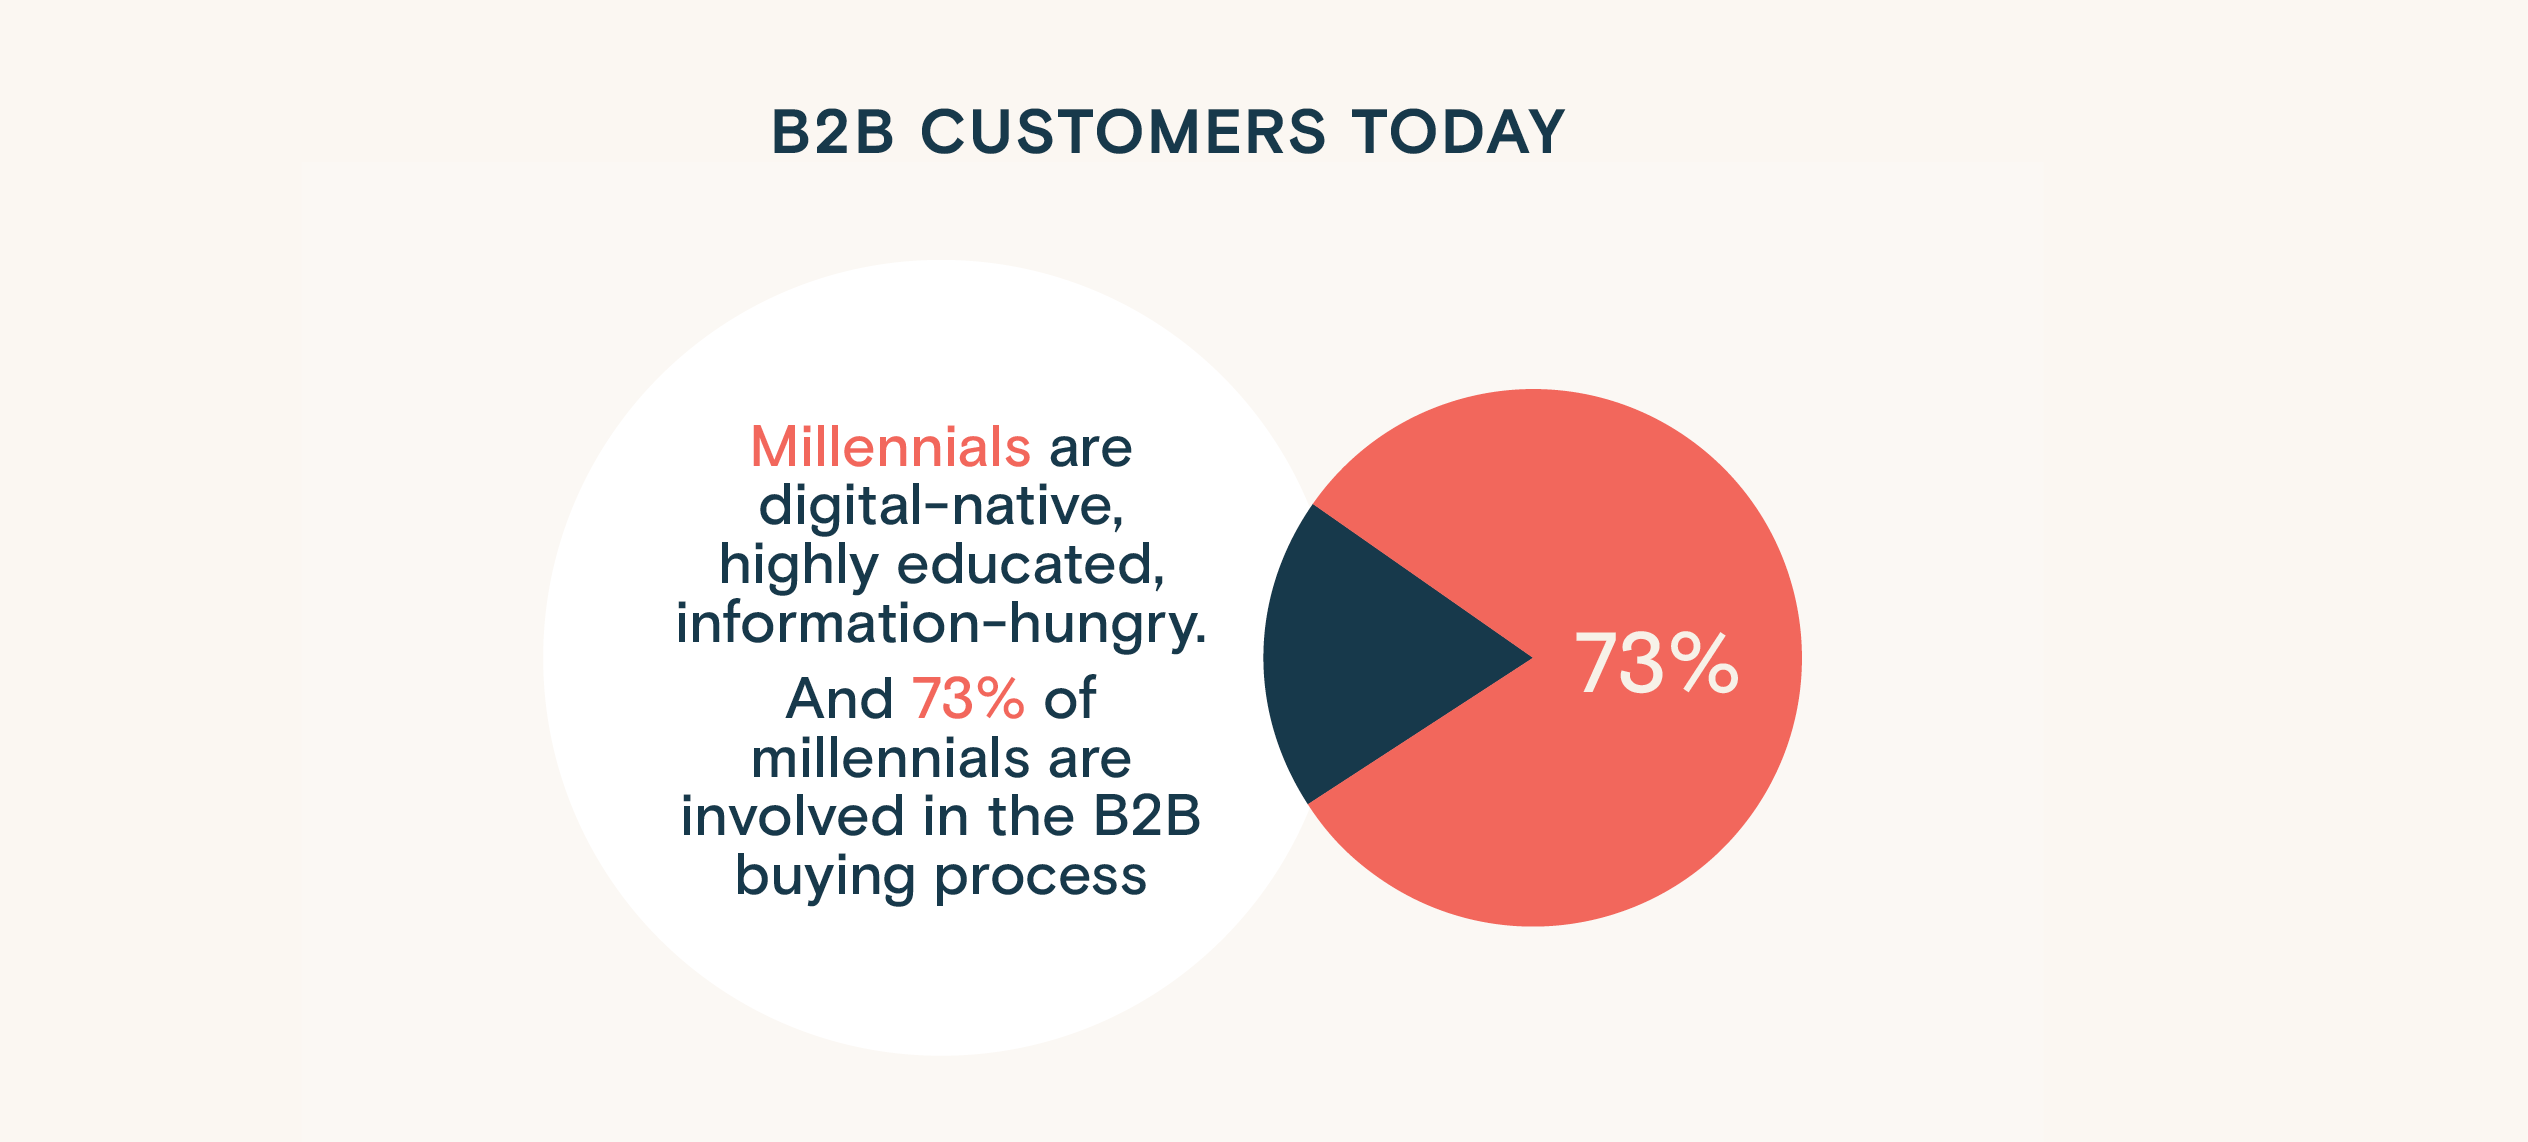 B2B customers increasingly comprises millennials